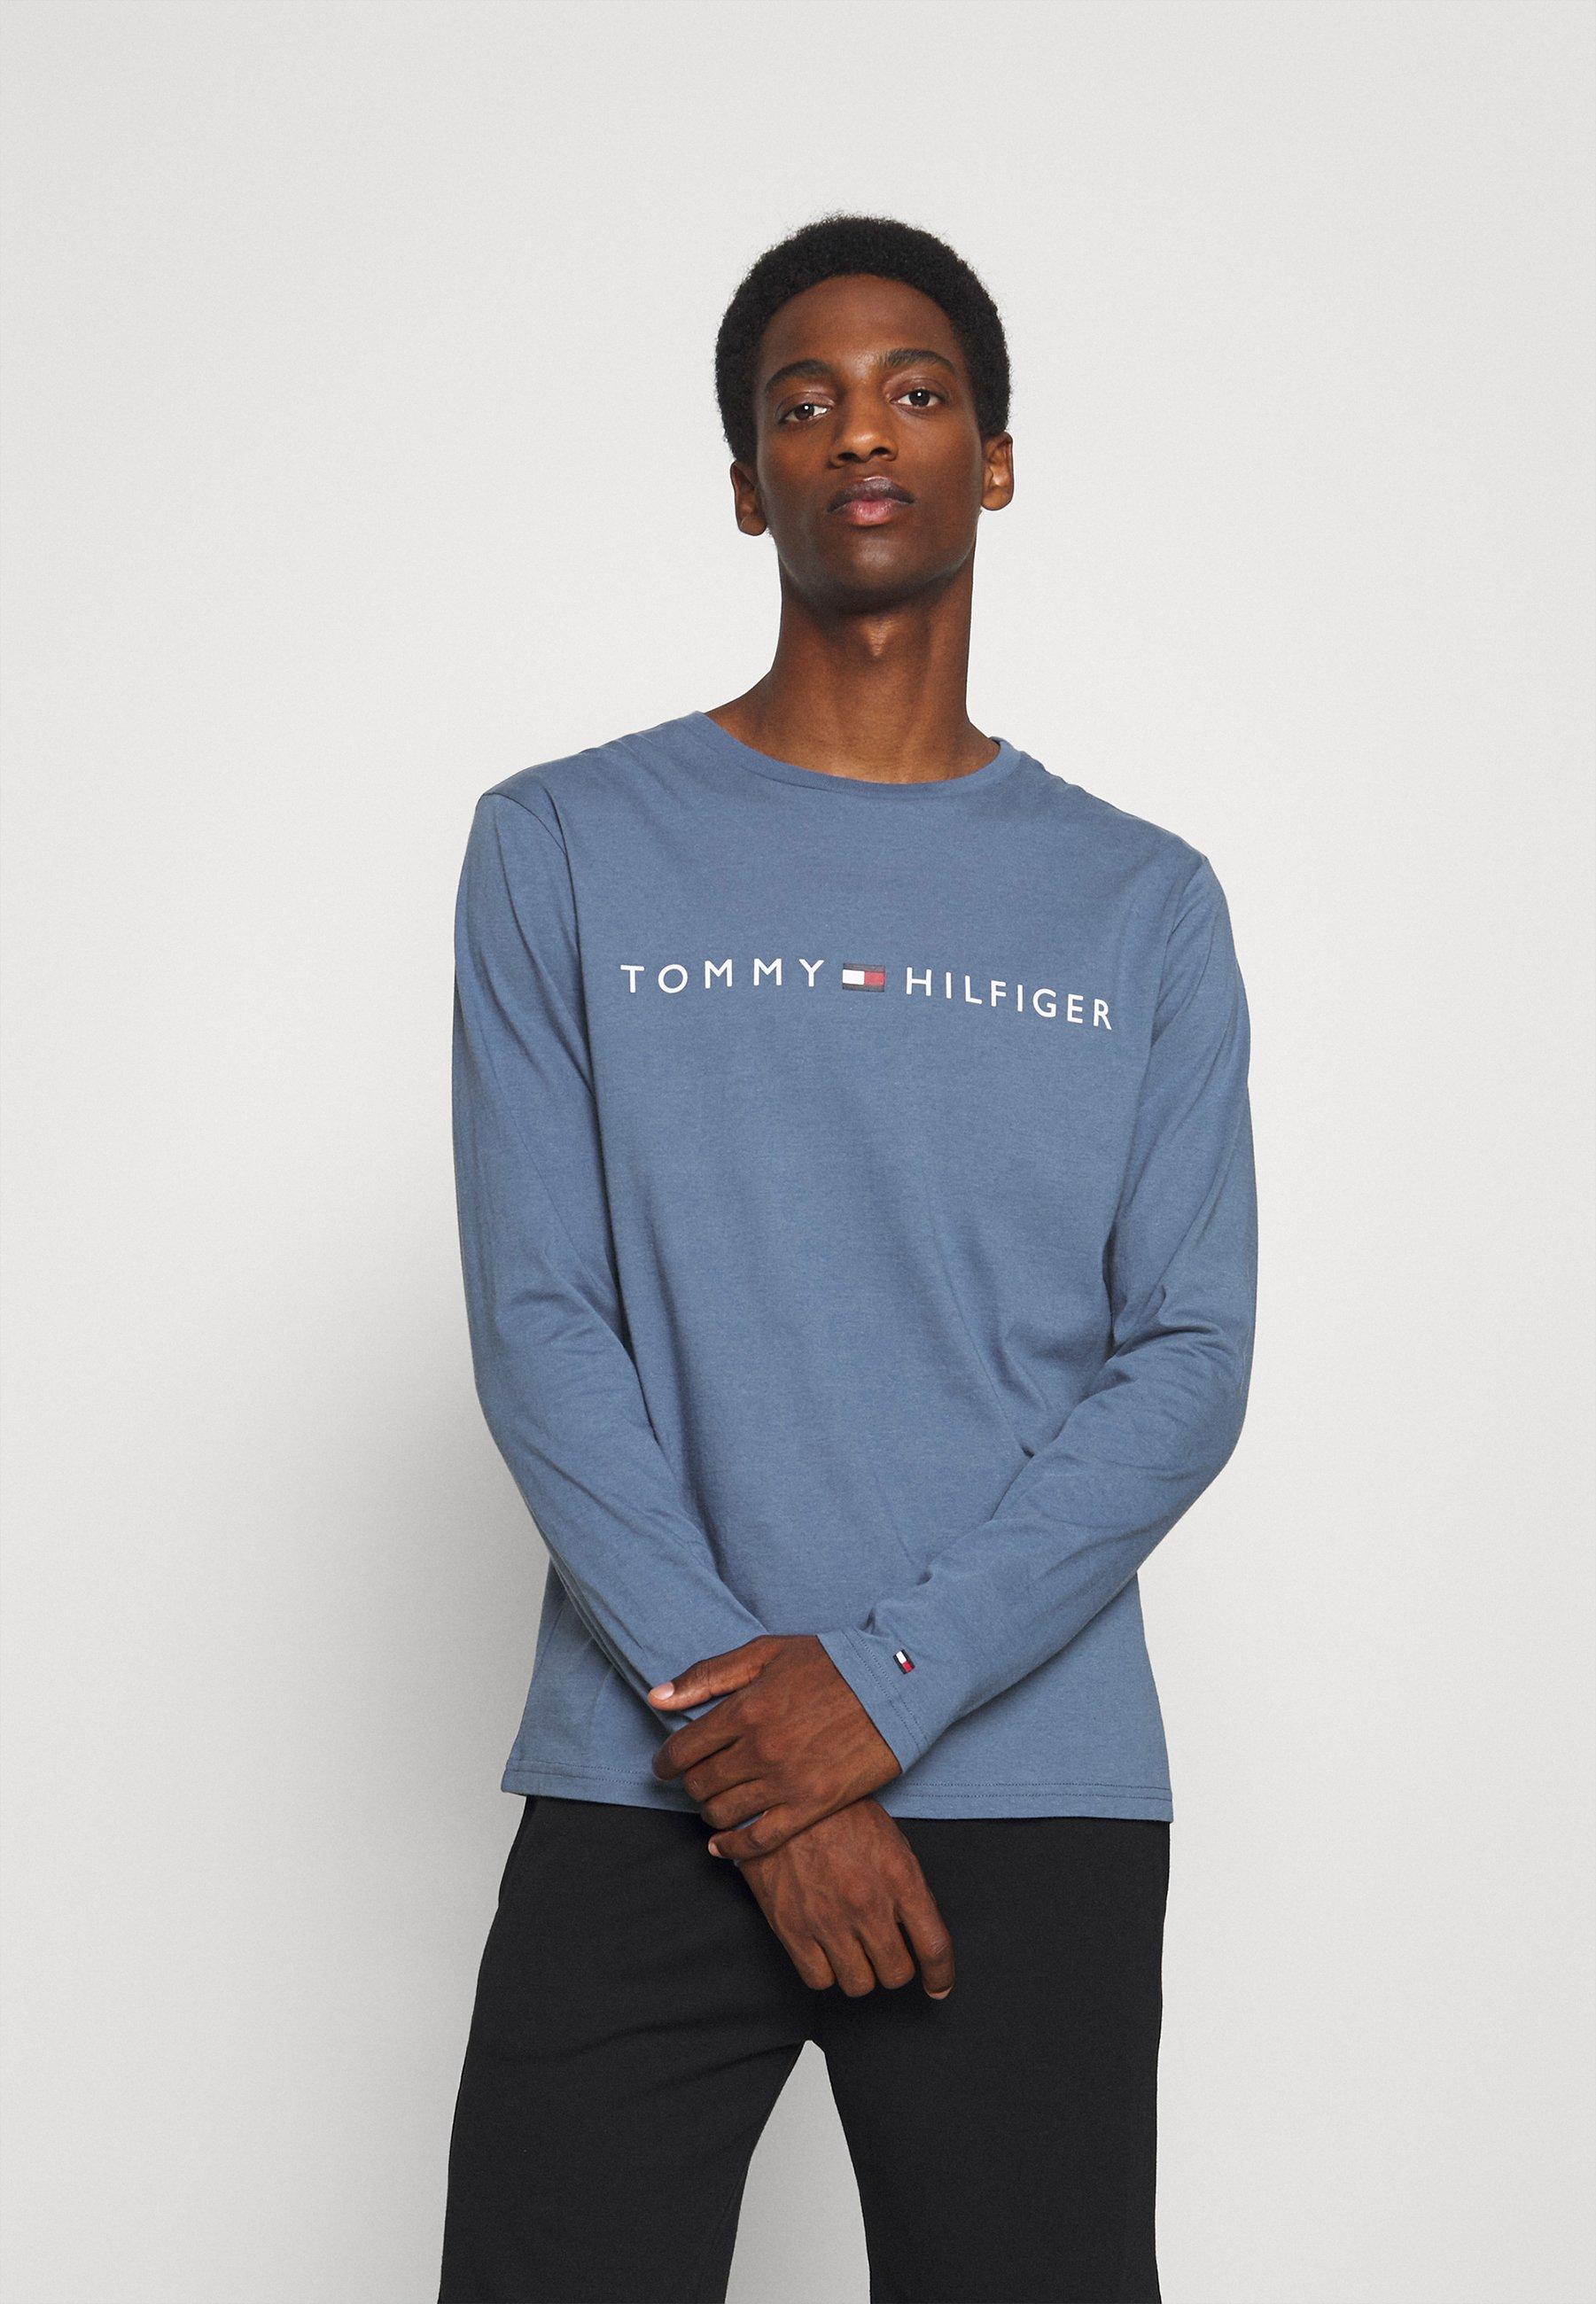 Herren TOMMY ORIGINAL TEE LOGO - Nachtwäsche Shirt